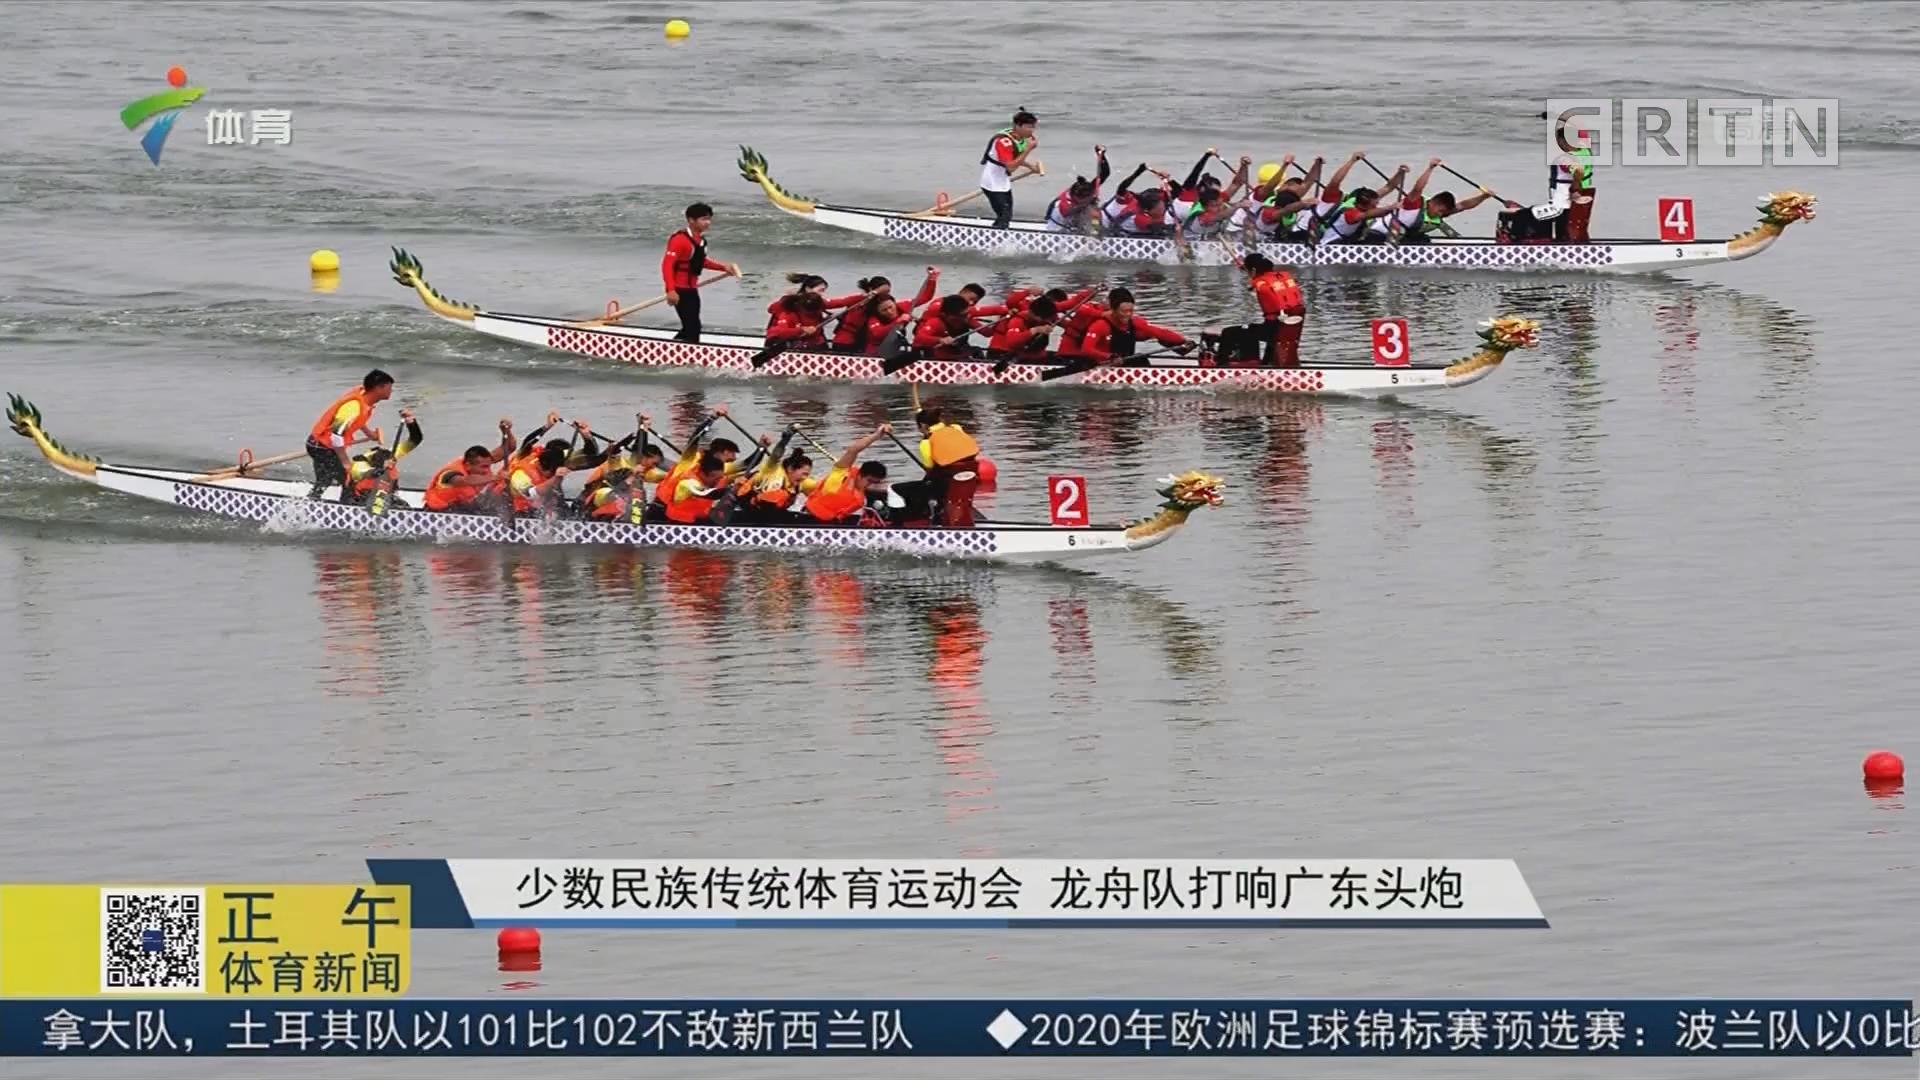 少数民族传统体育运动会 龙舟队打响广东头炮